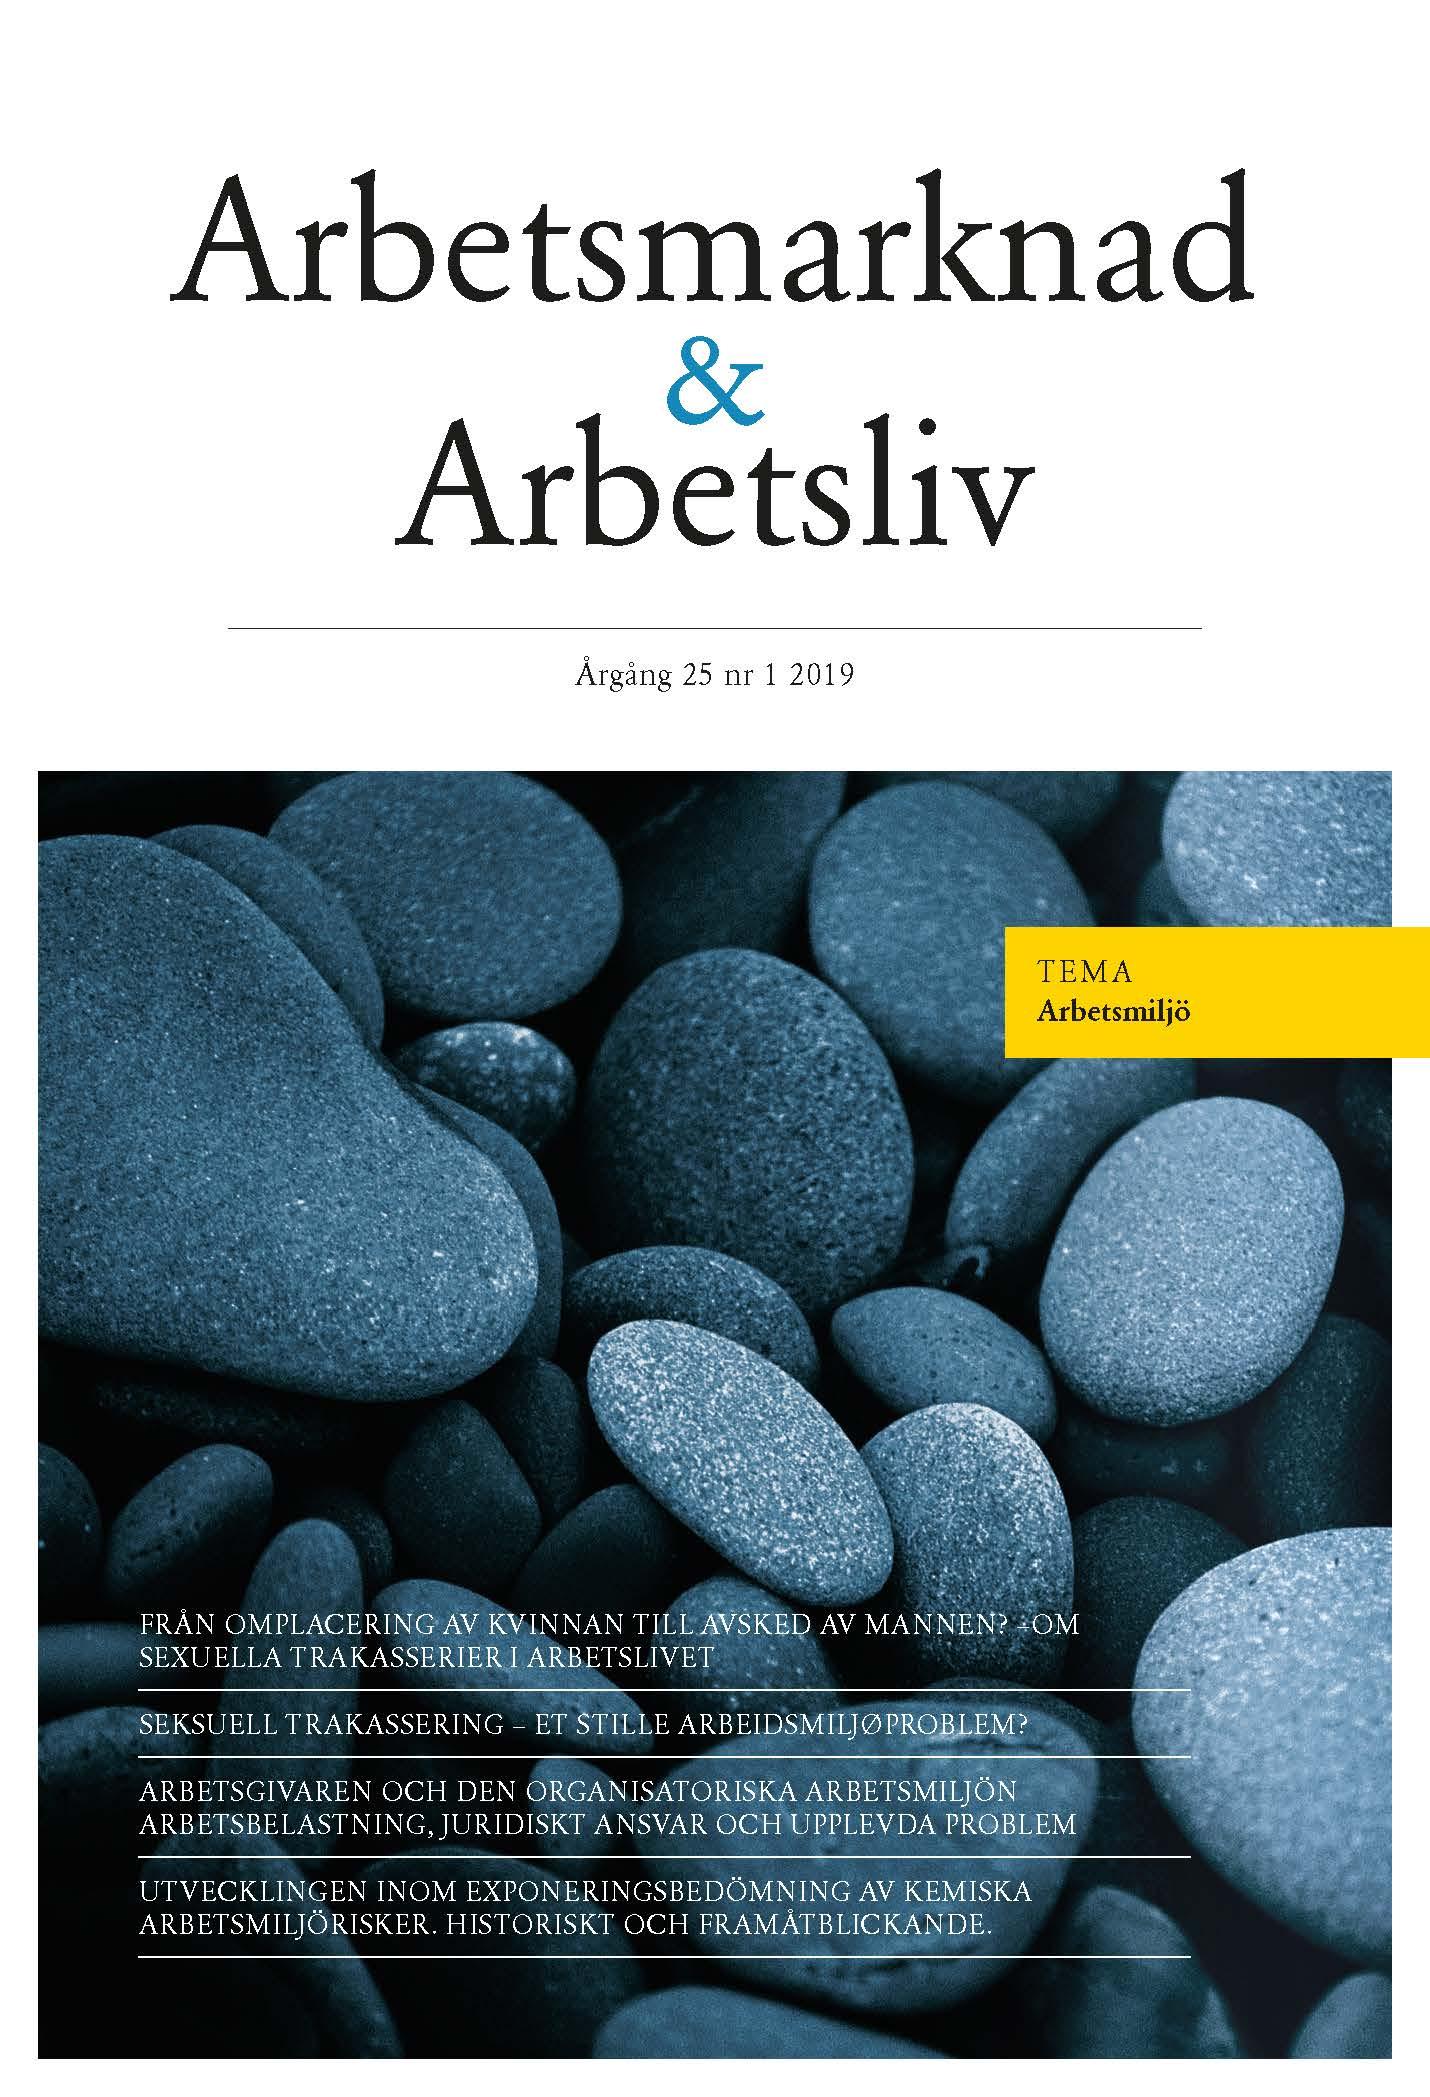 Visa Vol 25 Nr 1 (2019): Arbetsmarknad & Arbetsliv